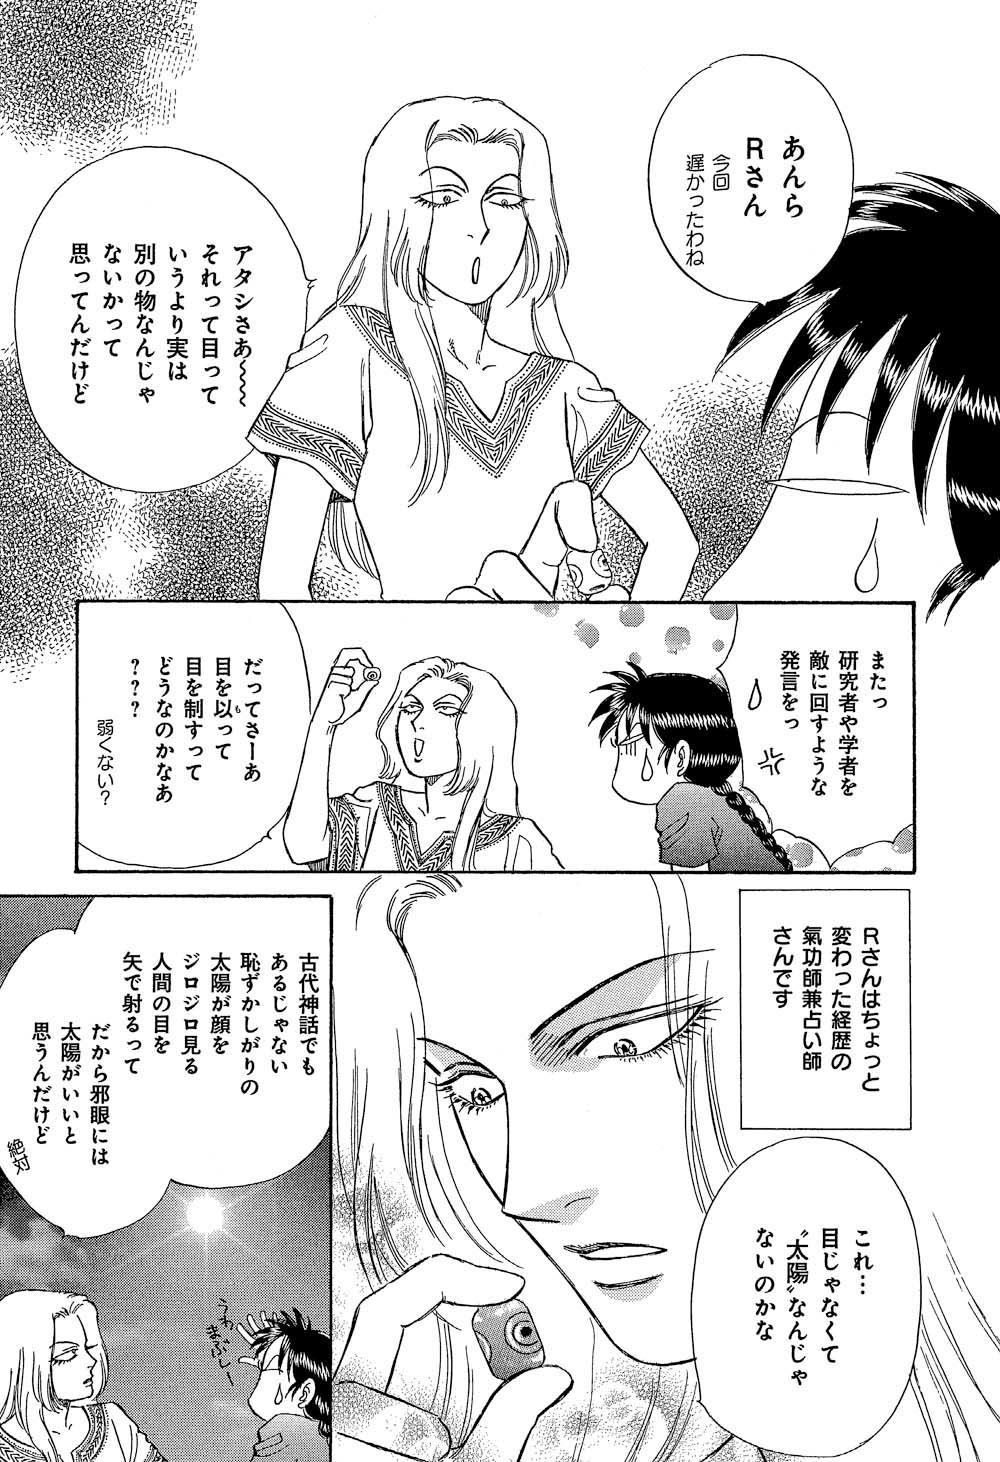 オカルト万華鏡01_094.jpg